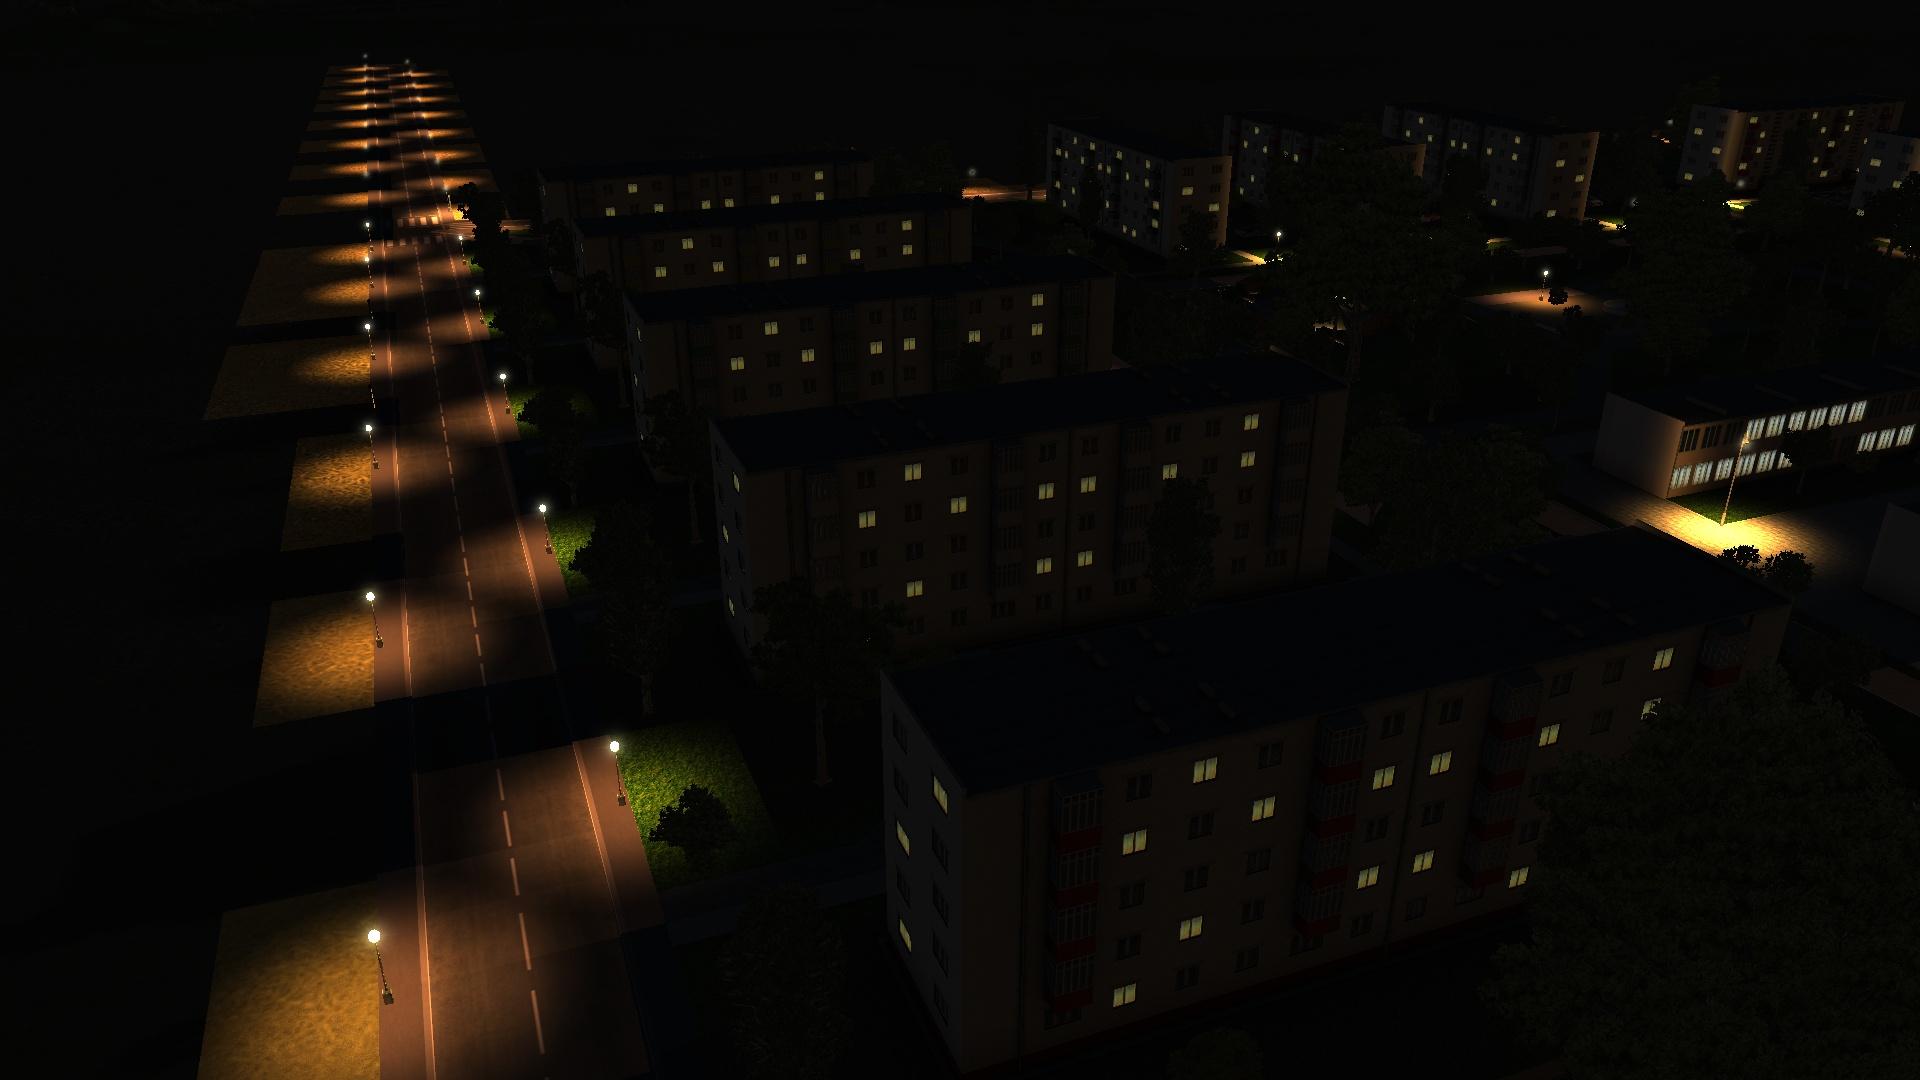 gamescreen0053.jpg